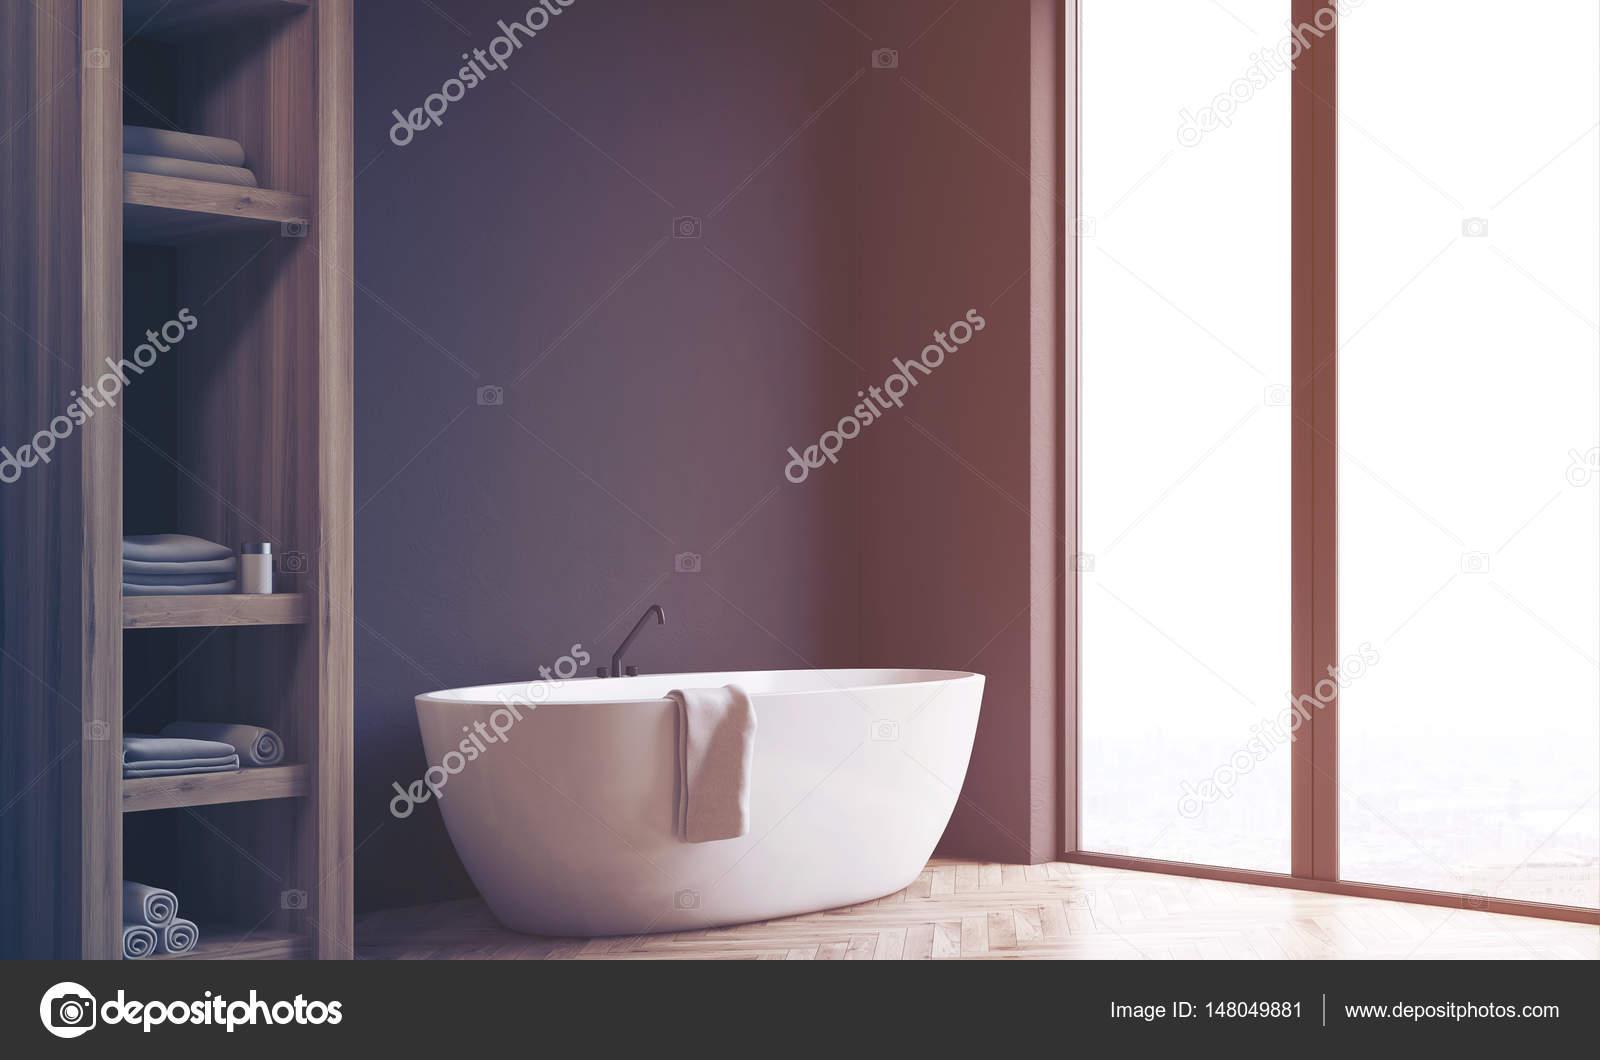 Salle De Bain Mur Noir ~ salle de bain mur placard et noir c t tonifi photographie